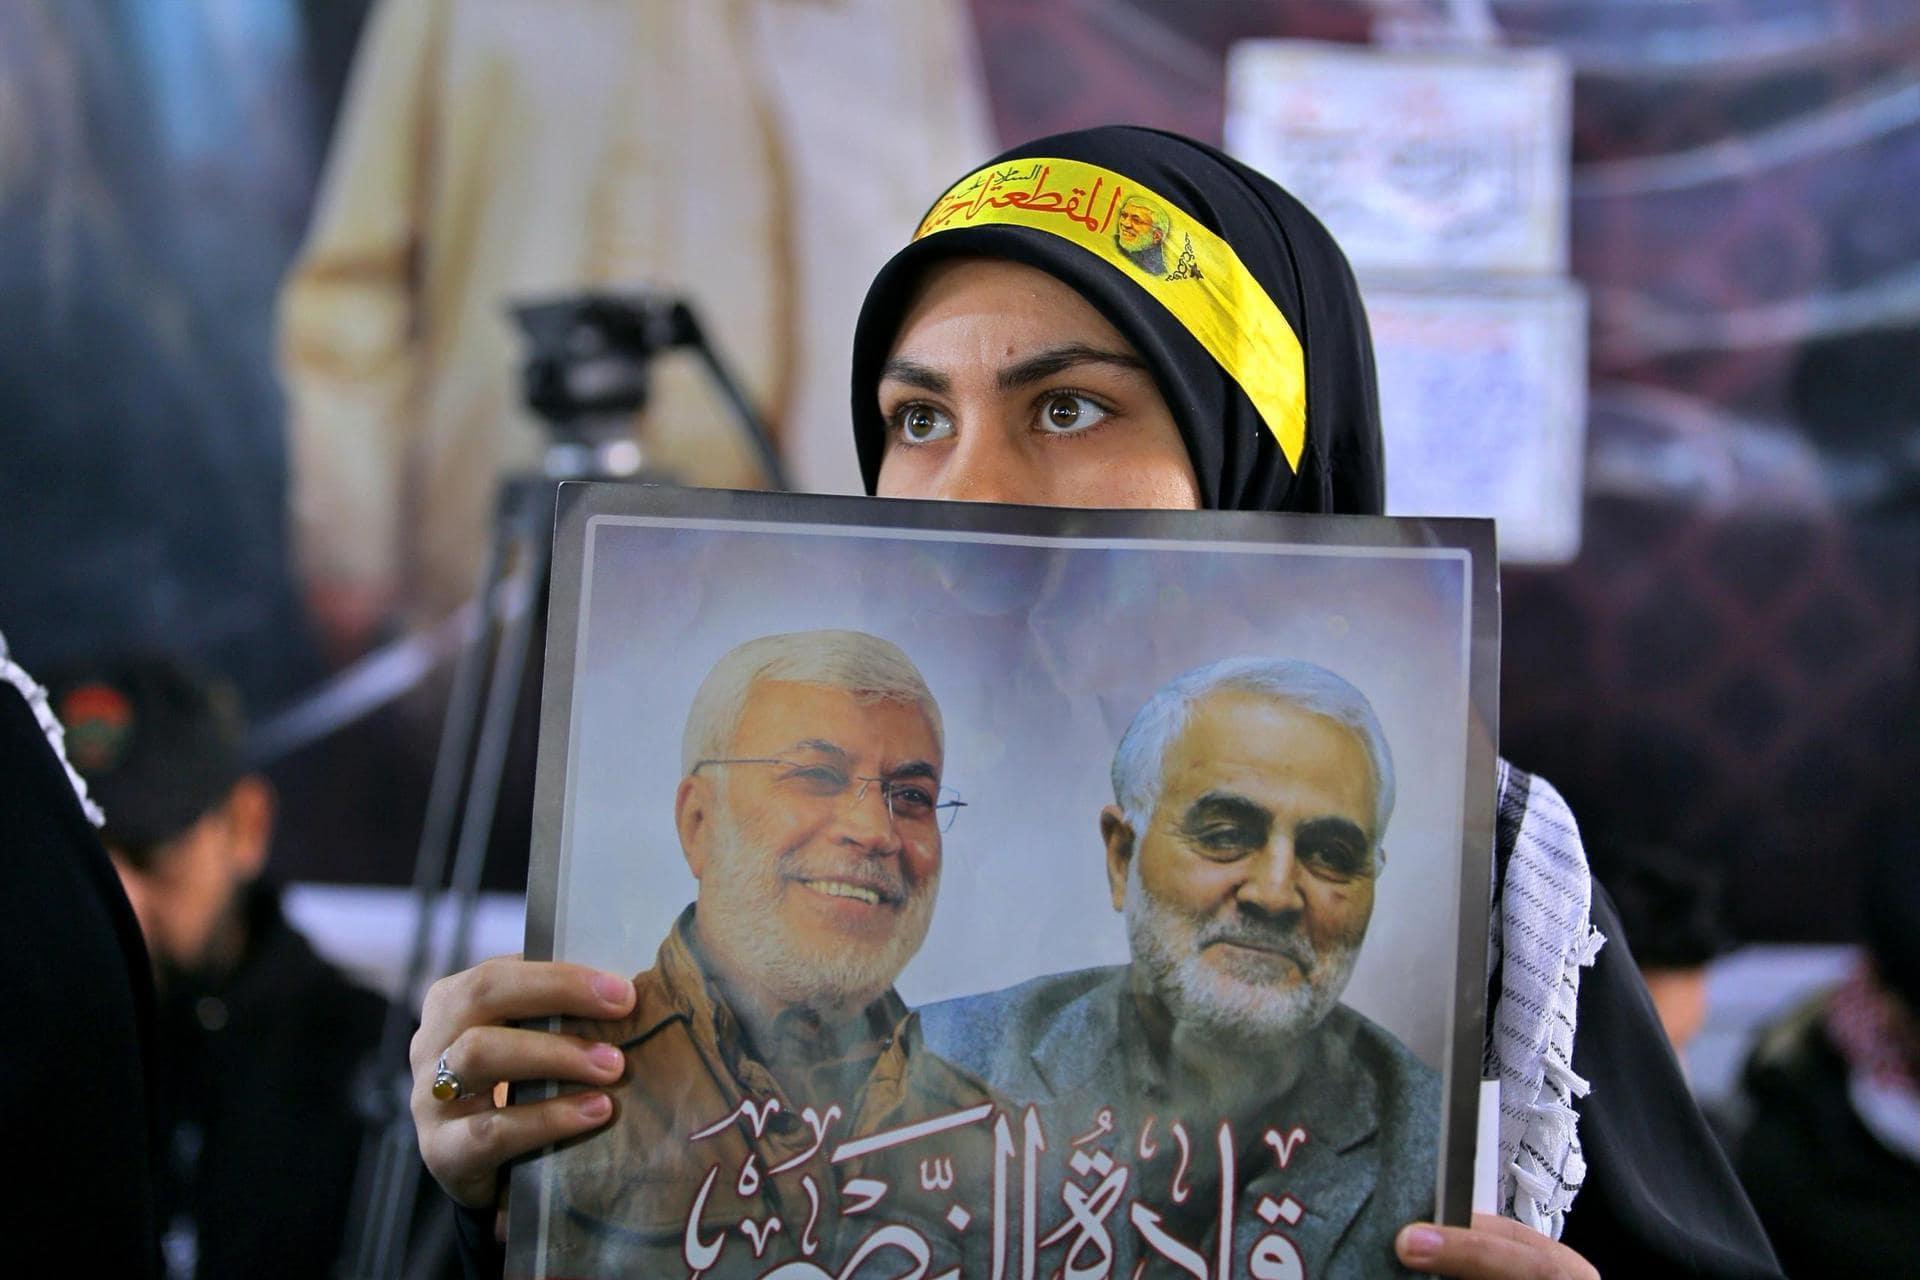 Iran will über Interpol nach US-Präsident Trump fahnden Nach Ermordung von Top-General